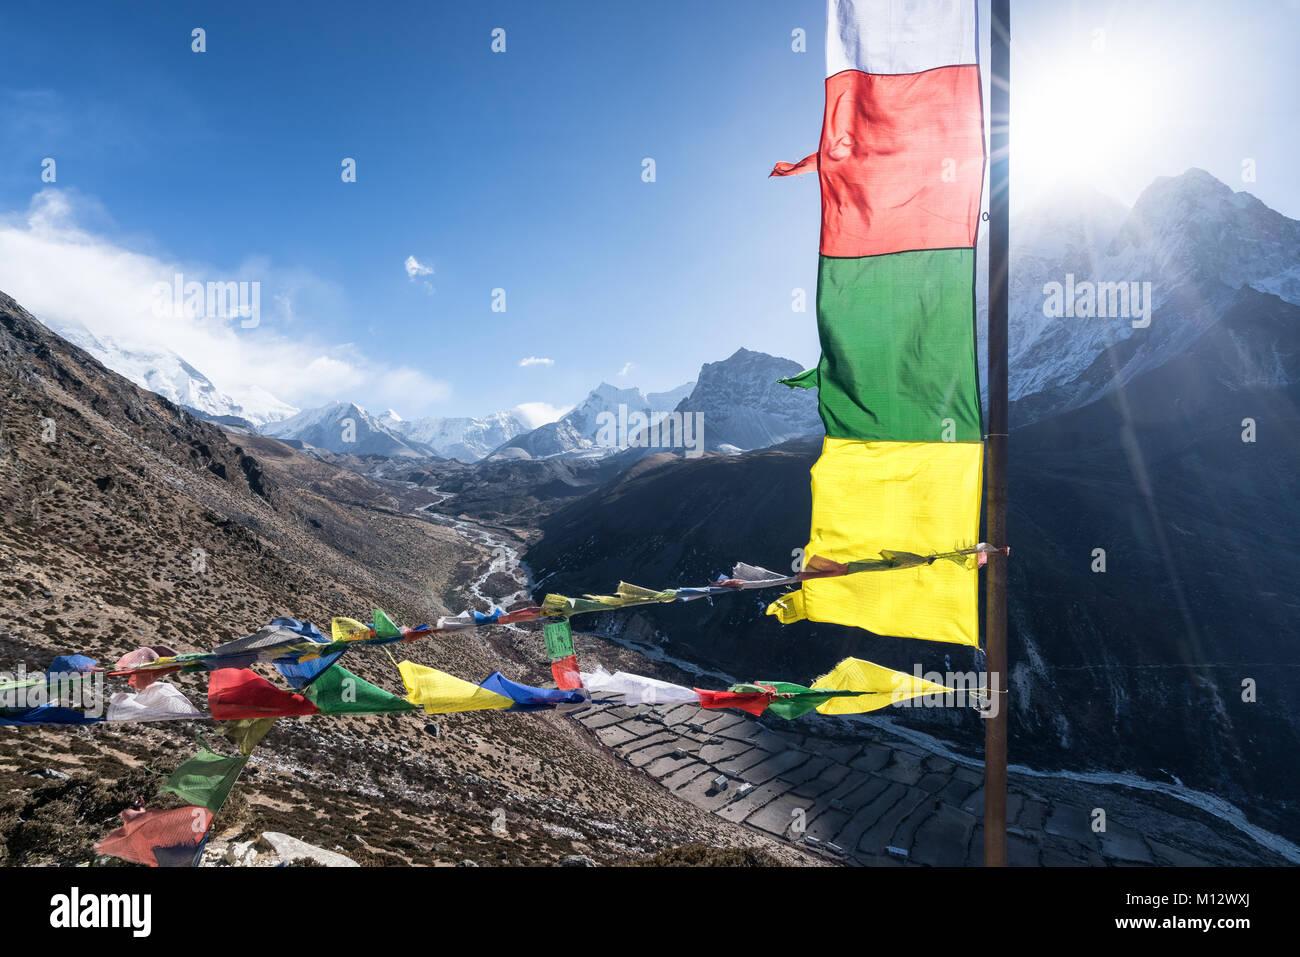 Vues d'un trek d'acclimatation au-dessus de Dingboche, Népal Photo Stock